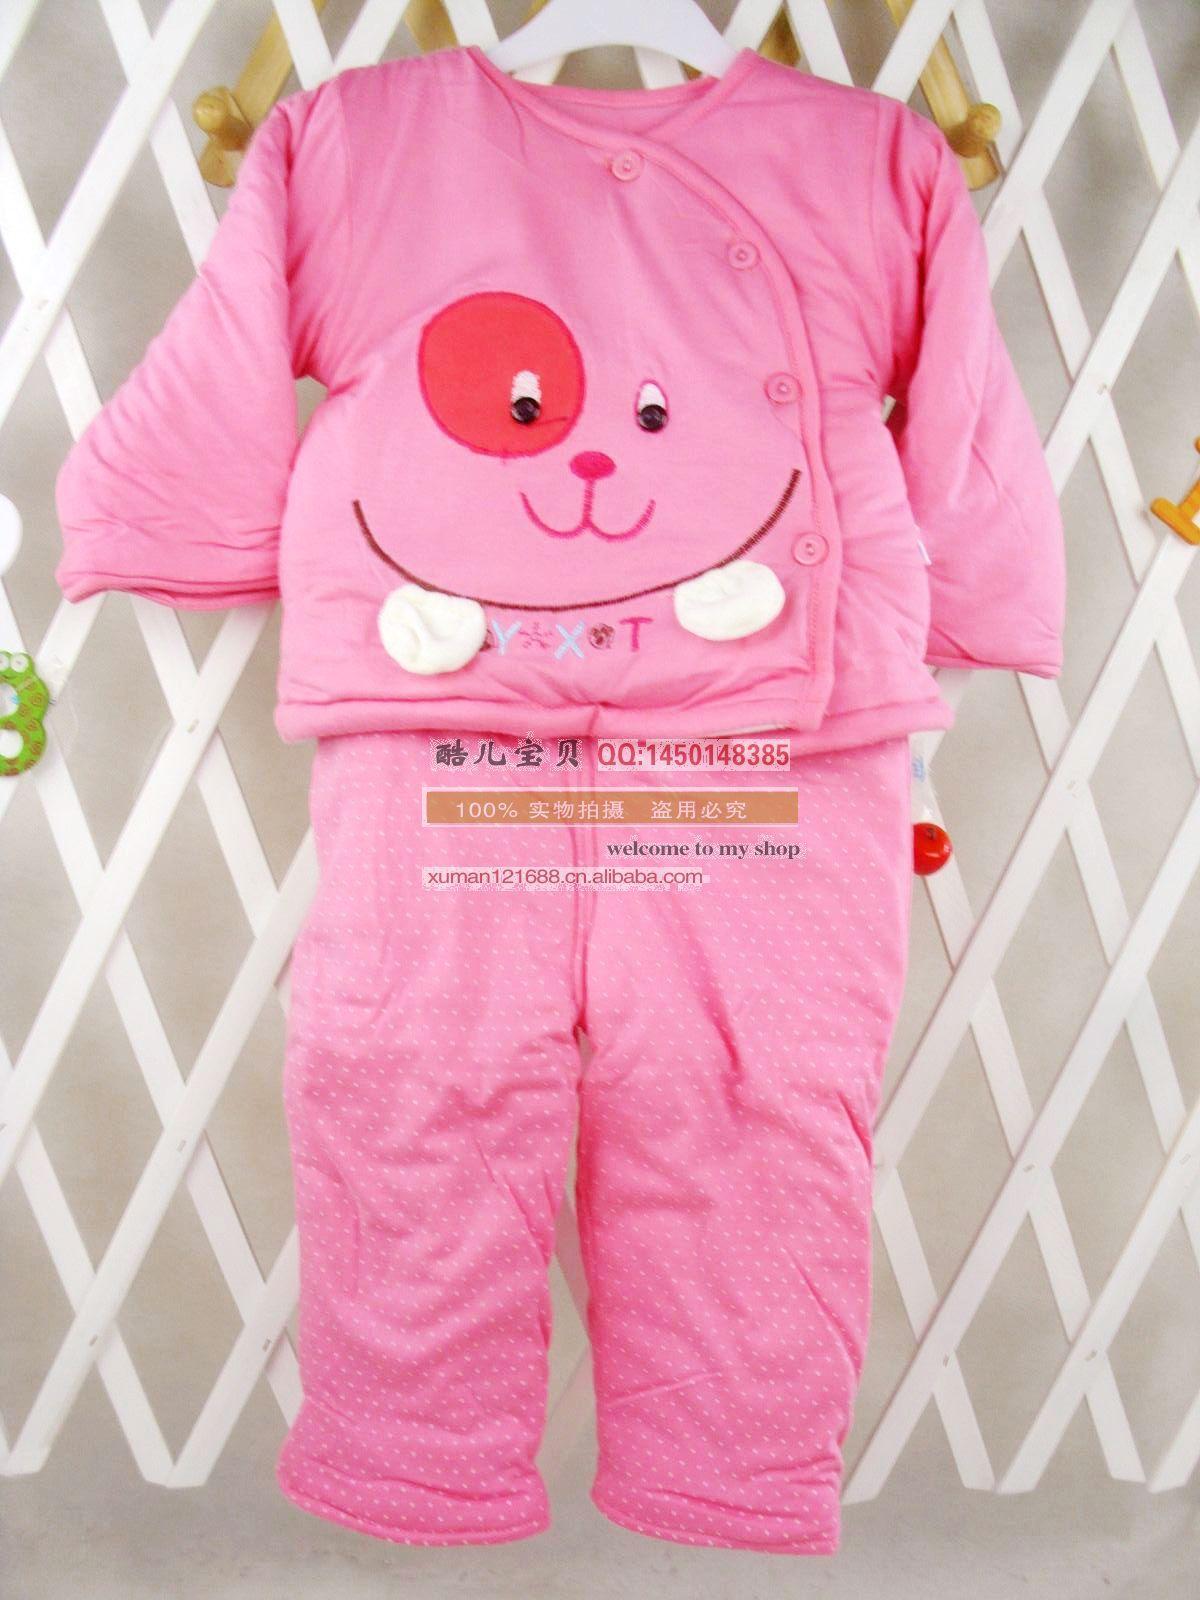 是冬款促销 婴幼儿棉袄棉裤套装 同心悦偏襟棉服套装2995的详细介